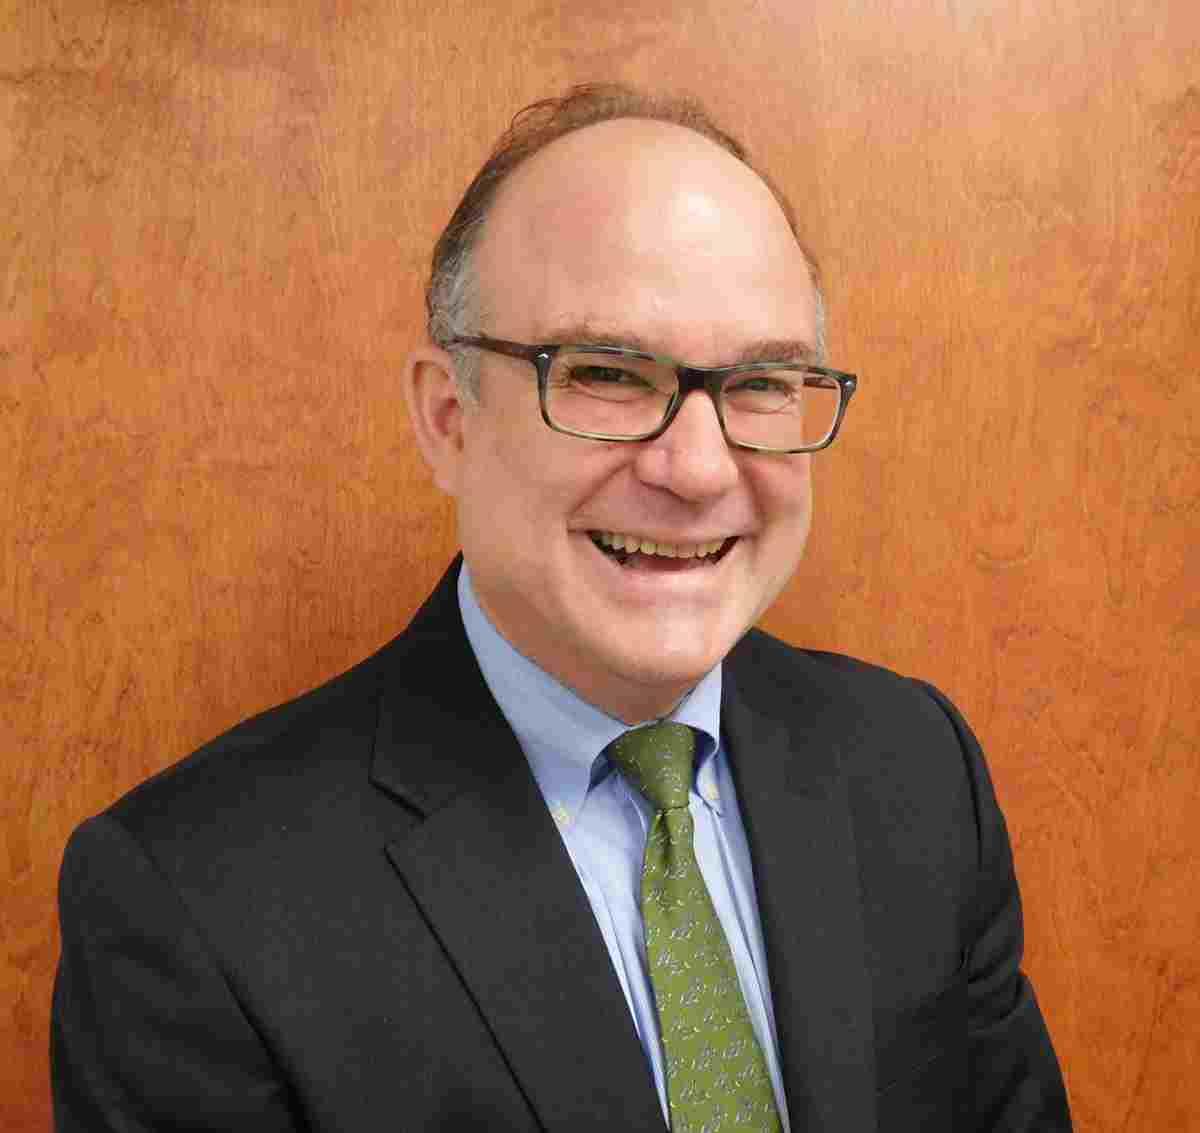 Dr. John Aucott